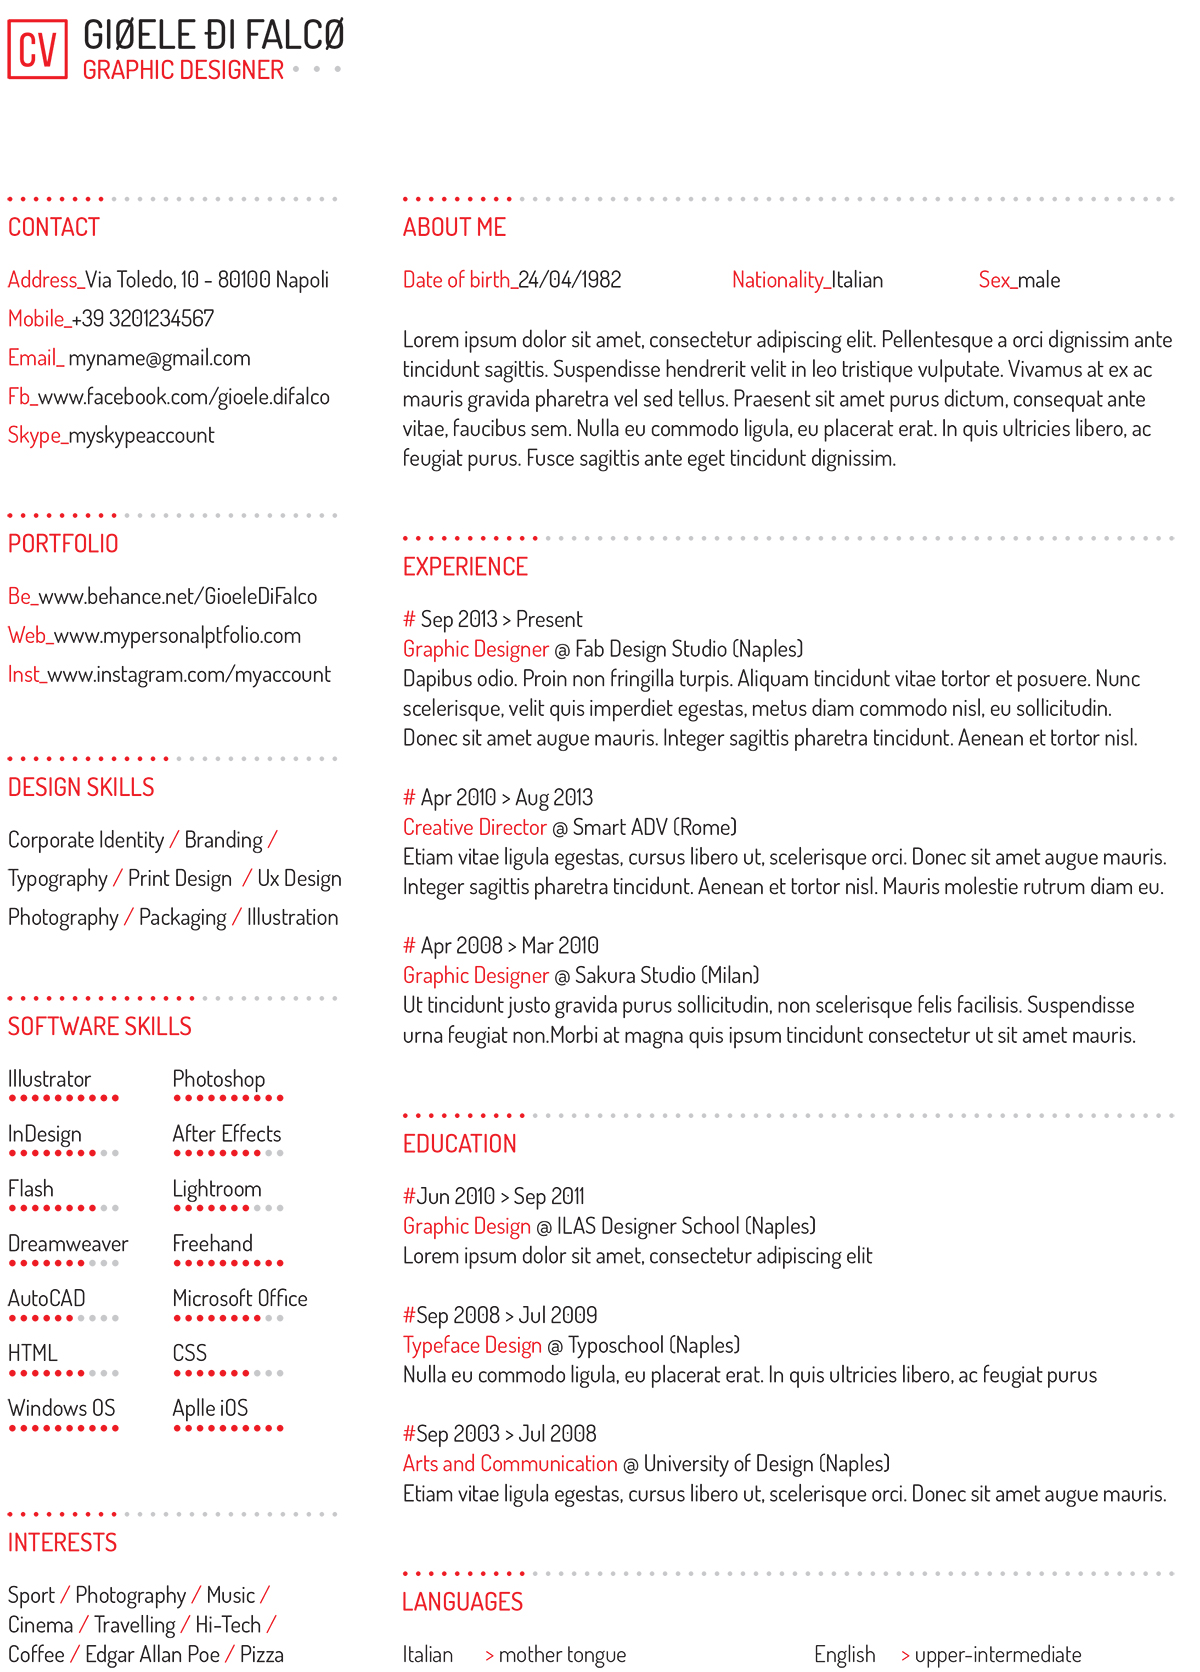 5 Consigli Per Impaginare Il Vostro Curriculum Vitae Pixartprinting